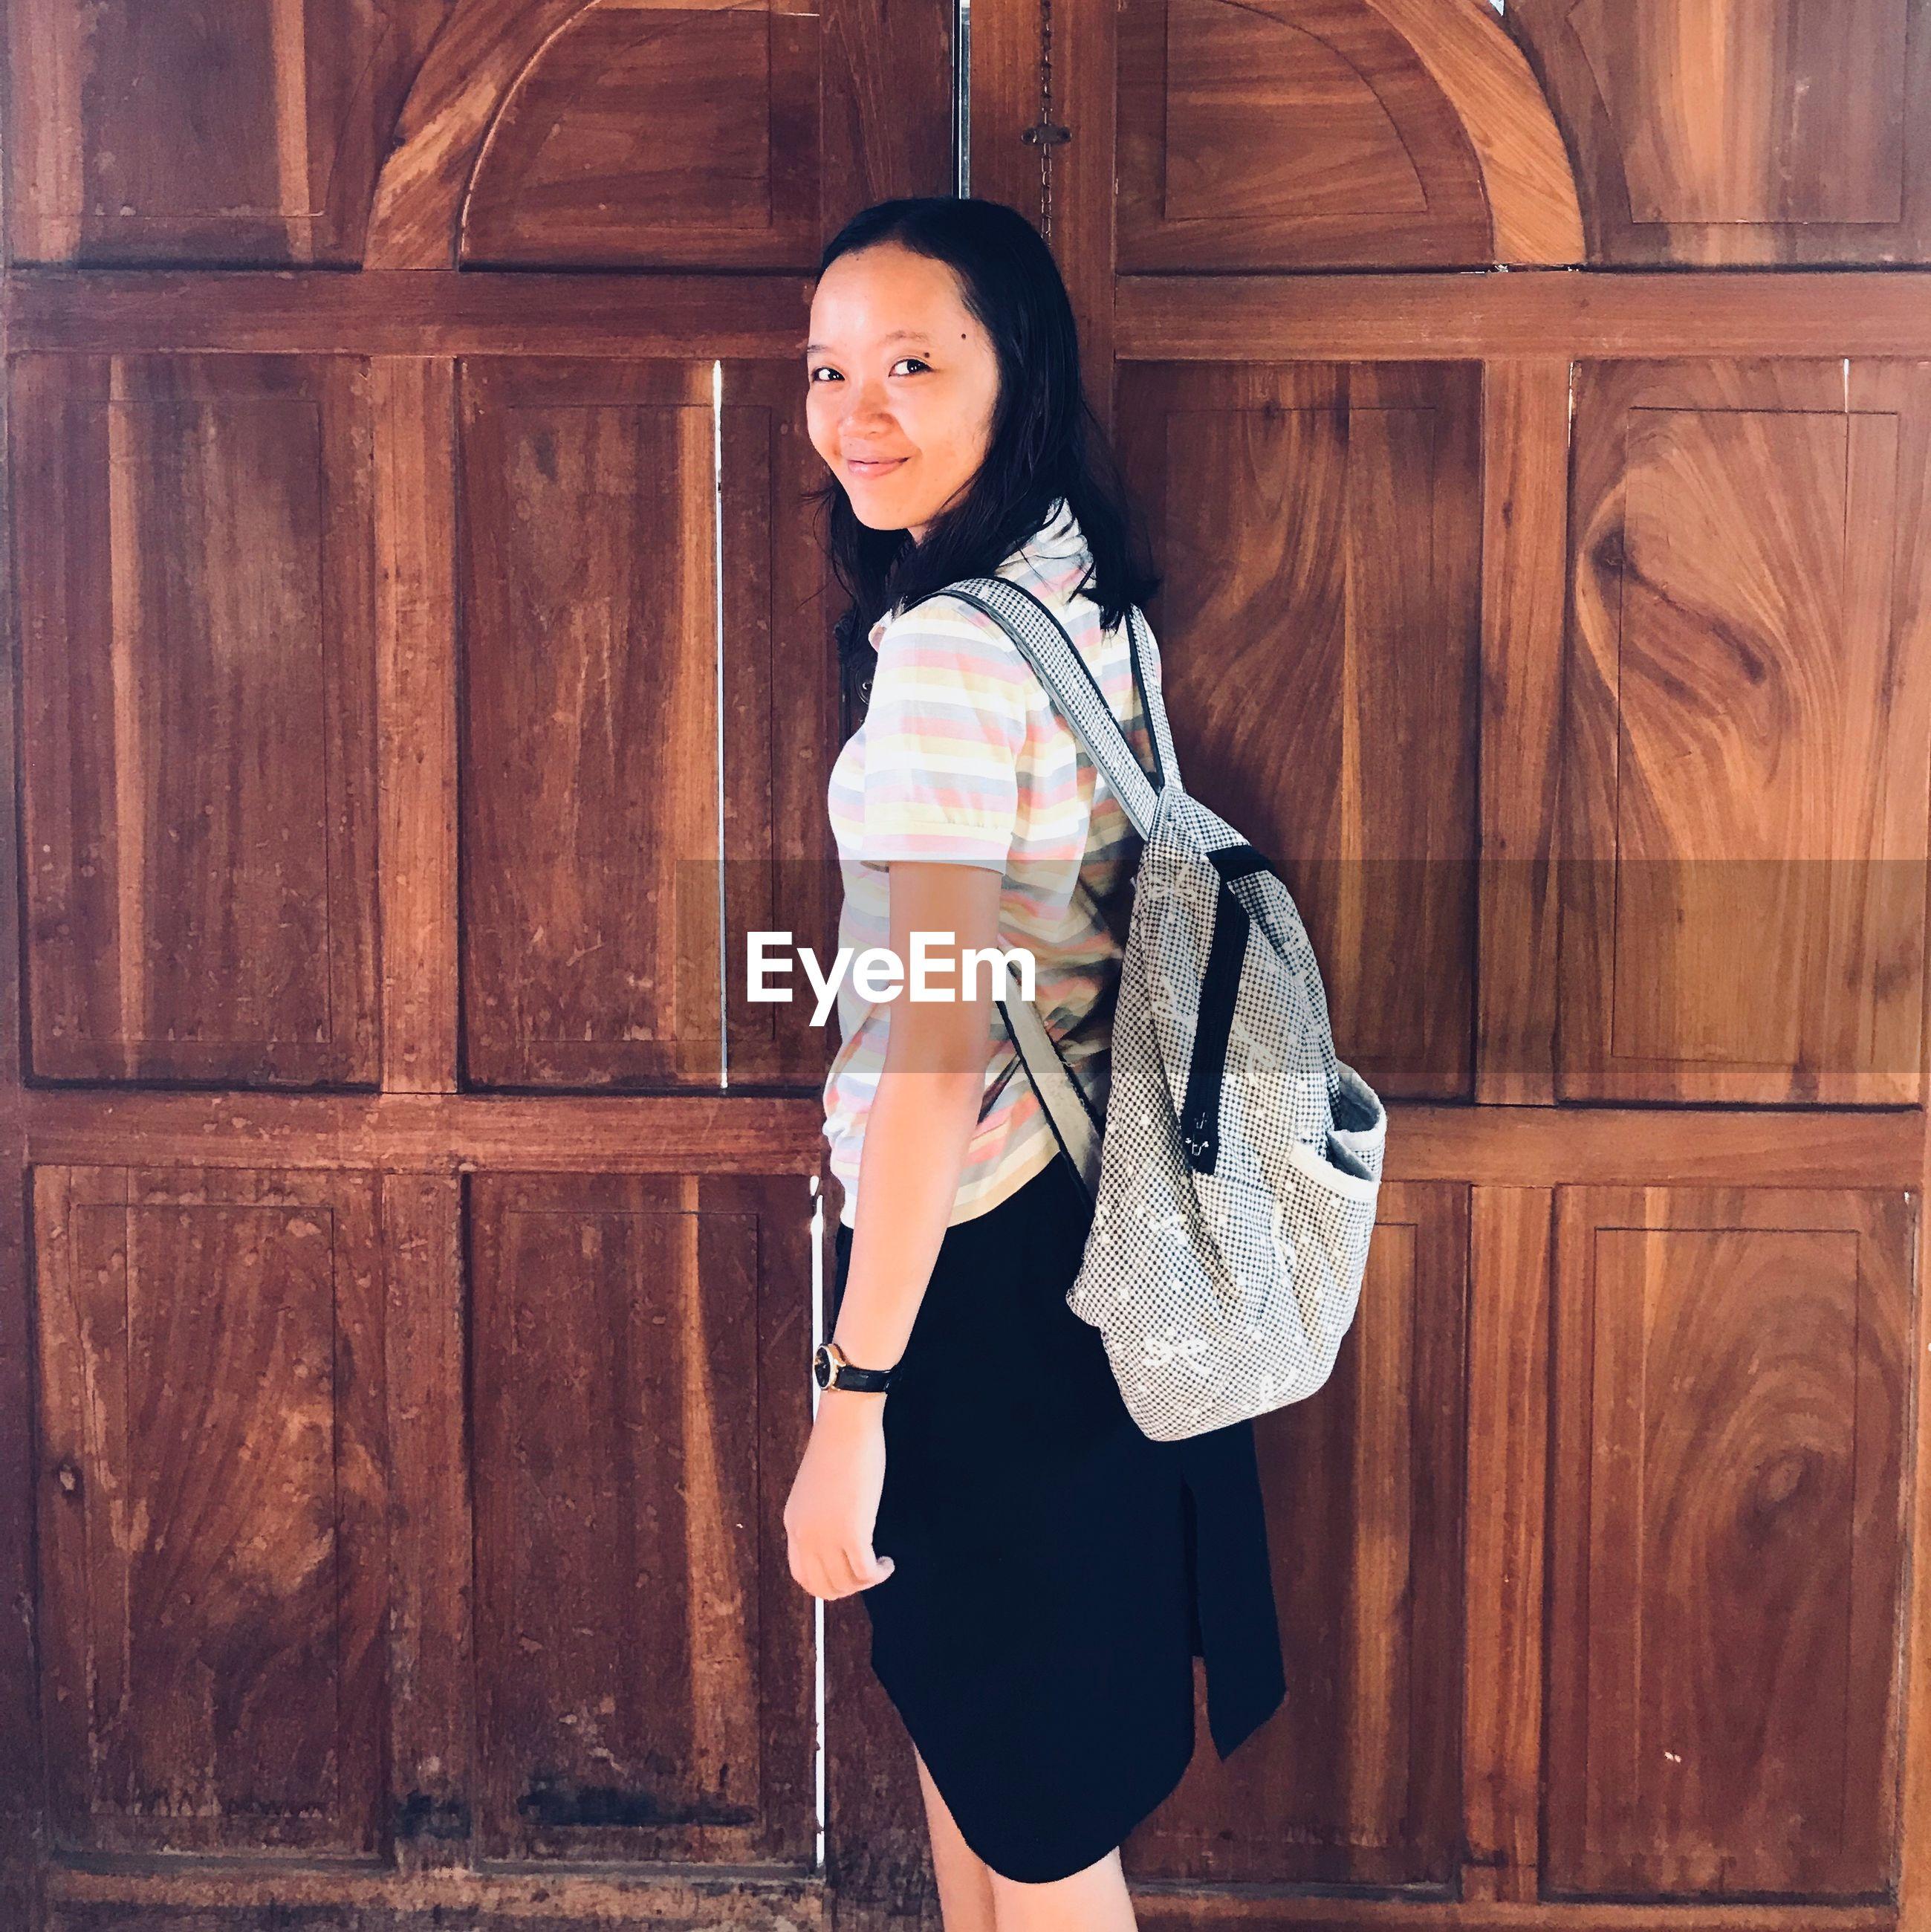 Portrait of woman standing by closed wooden door